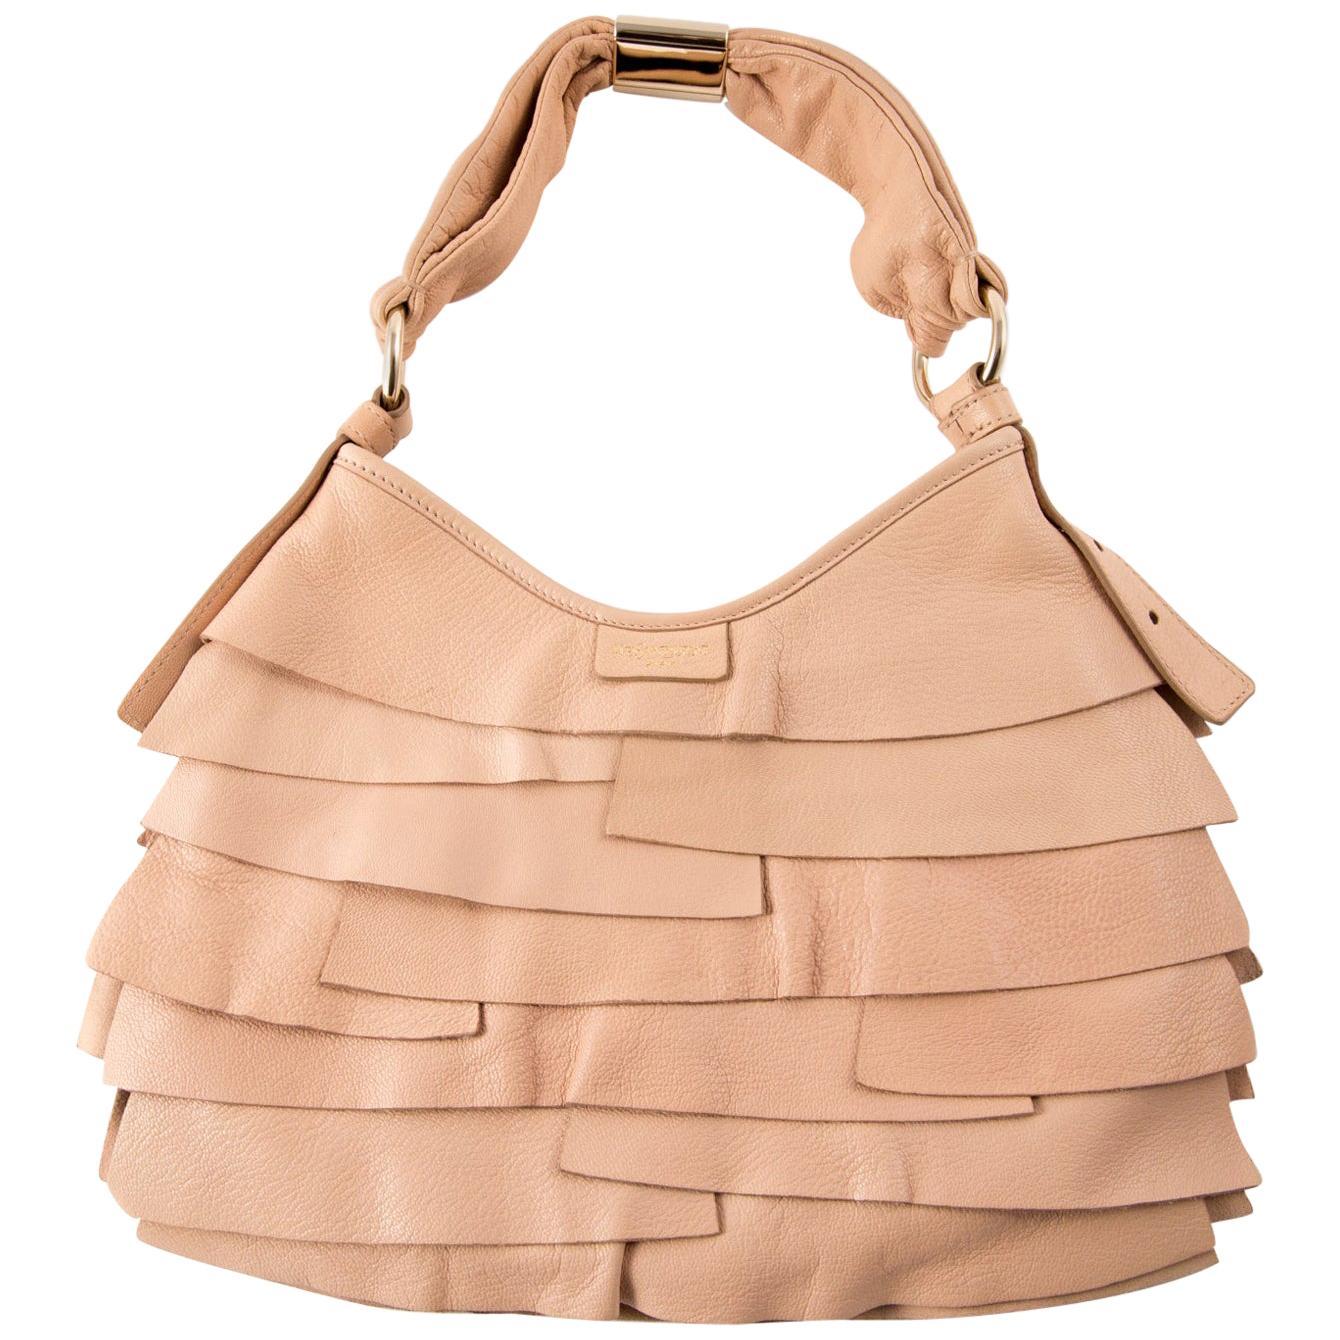 Yves Saint Laurent Pink Leather Saint-Tropez Shoulder Bag